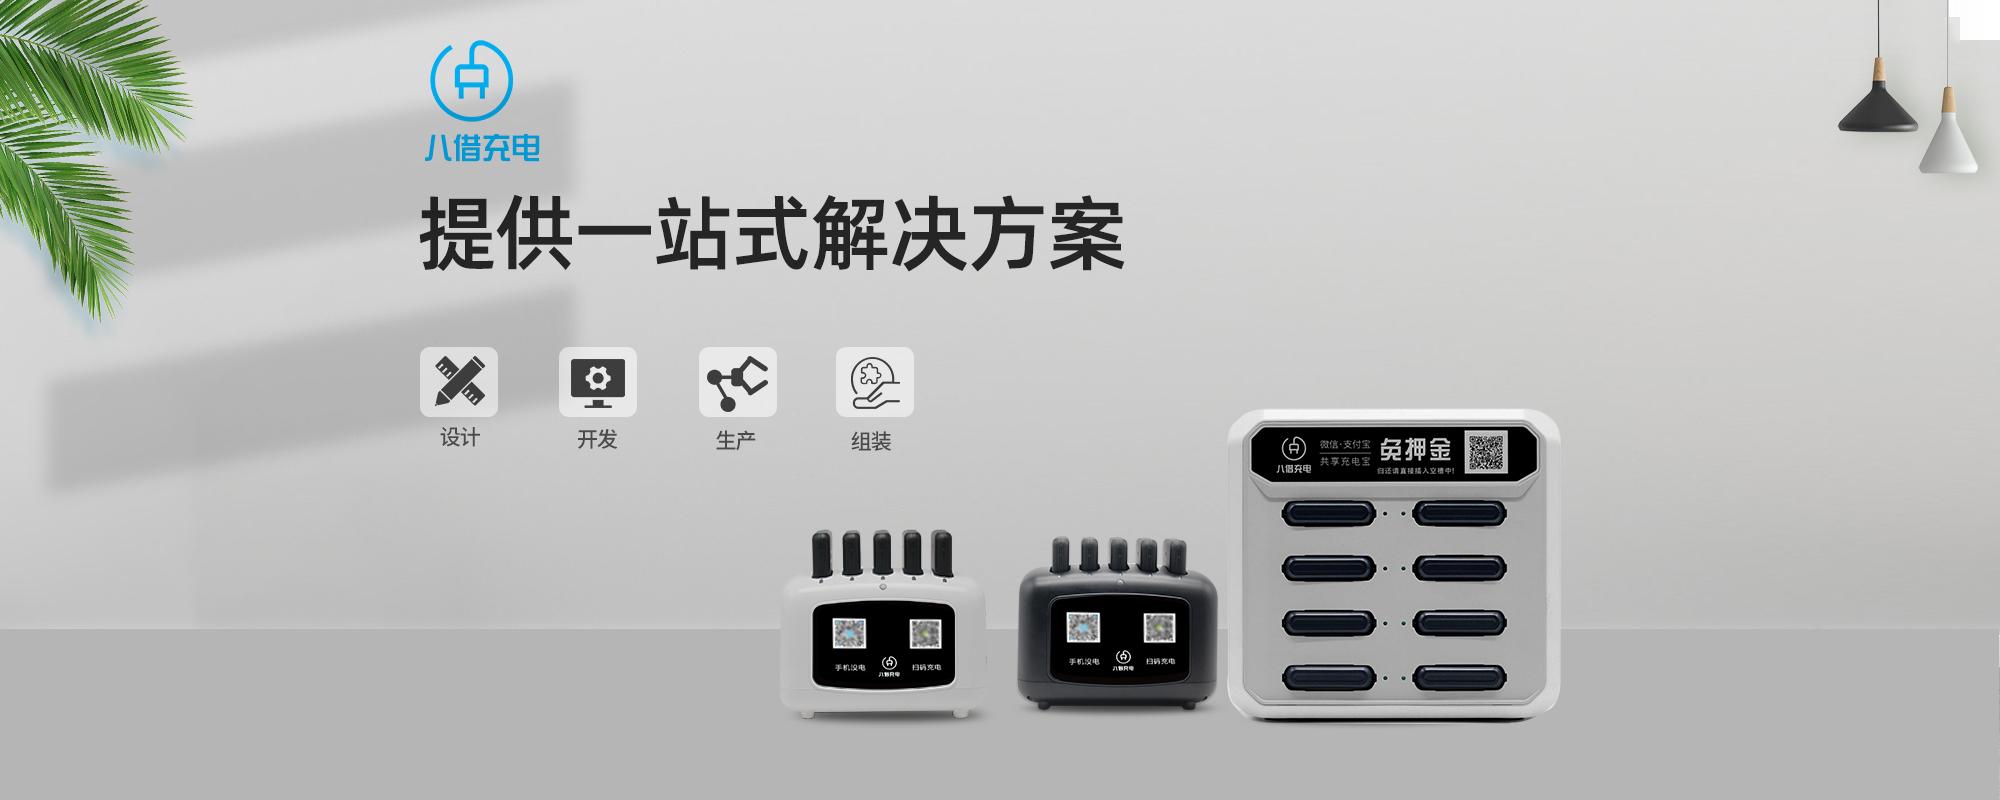 共享充电宝十大品牌